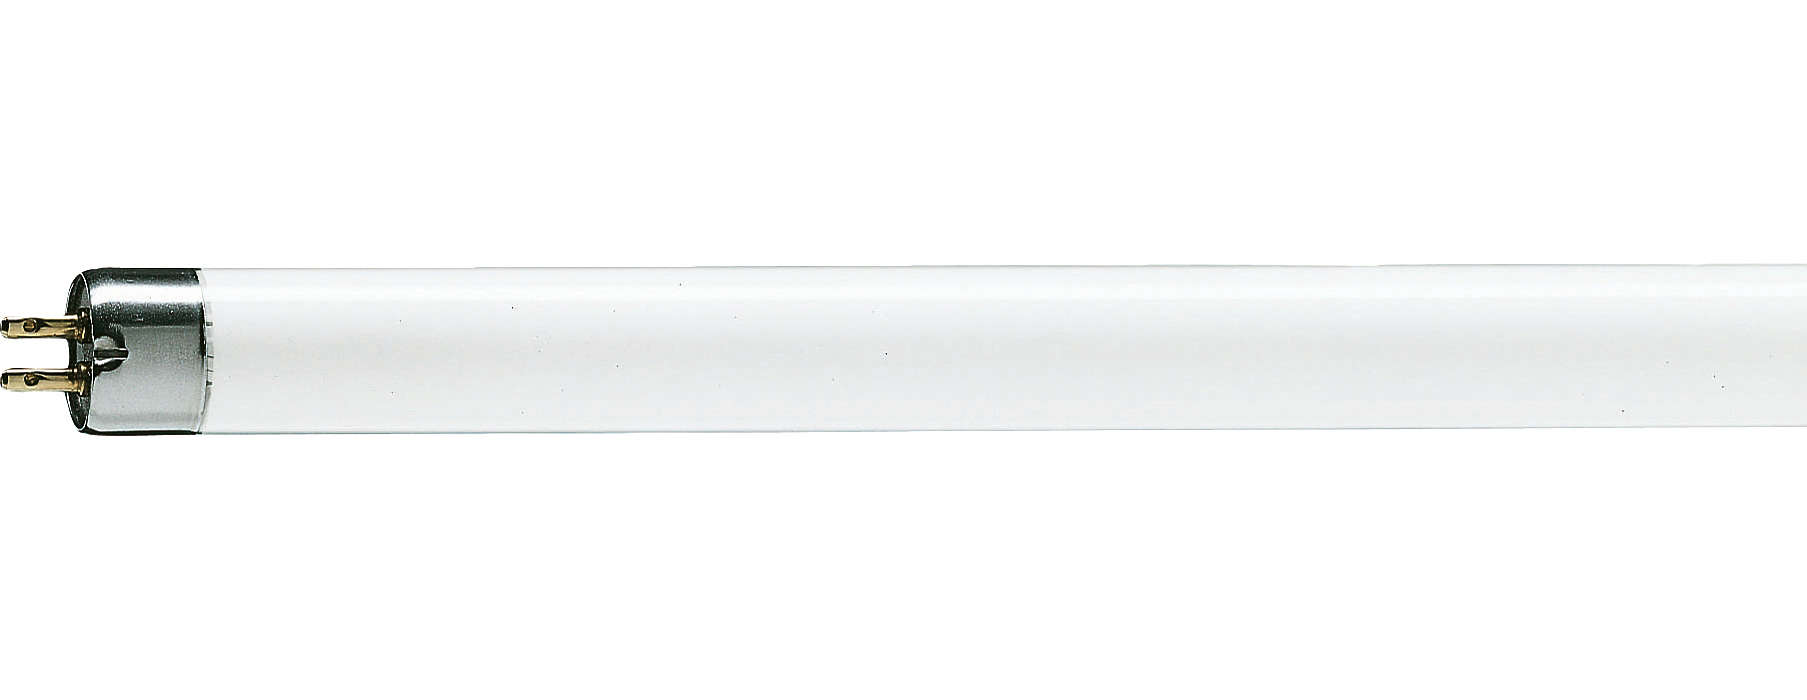 Işık kalitesi artırılmış, küçük boyutlu floresan lamba